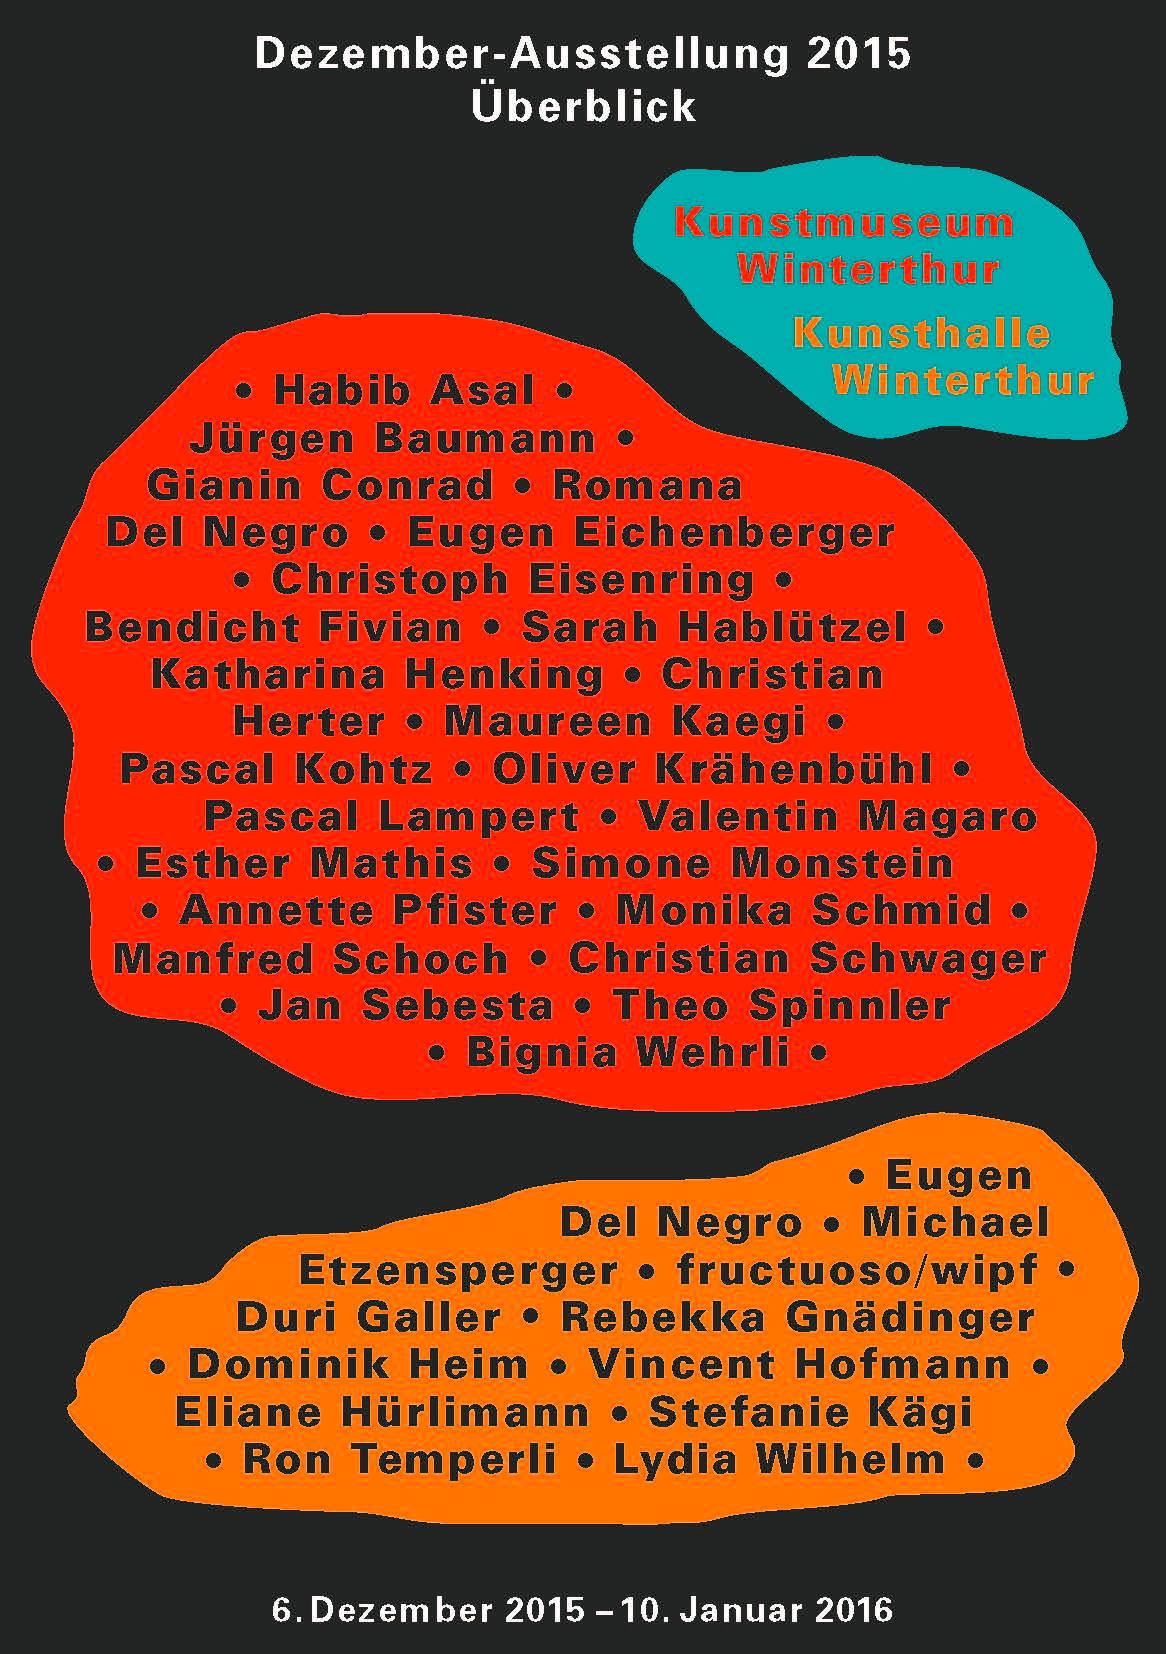 Dezember-Ausstellung 2015 Überblick